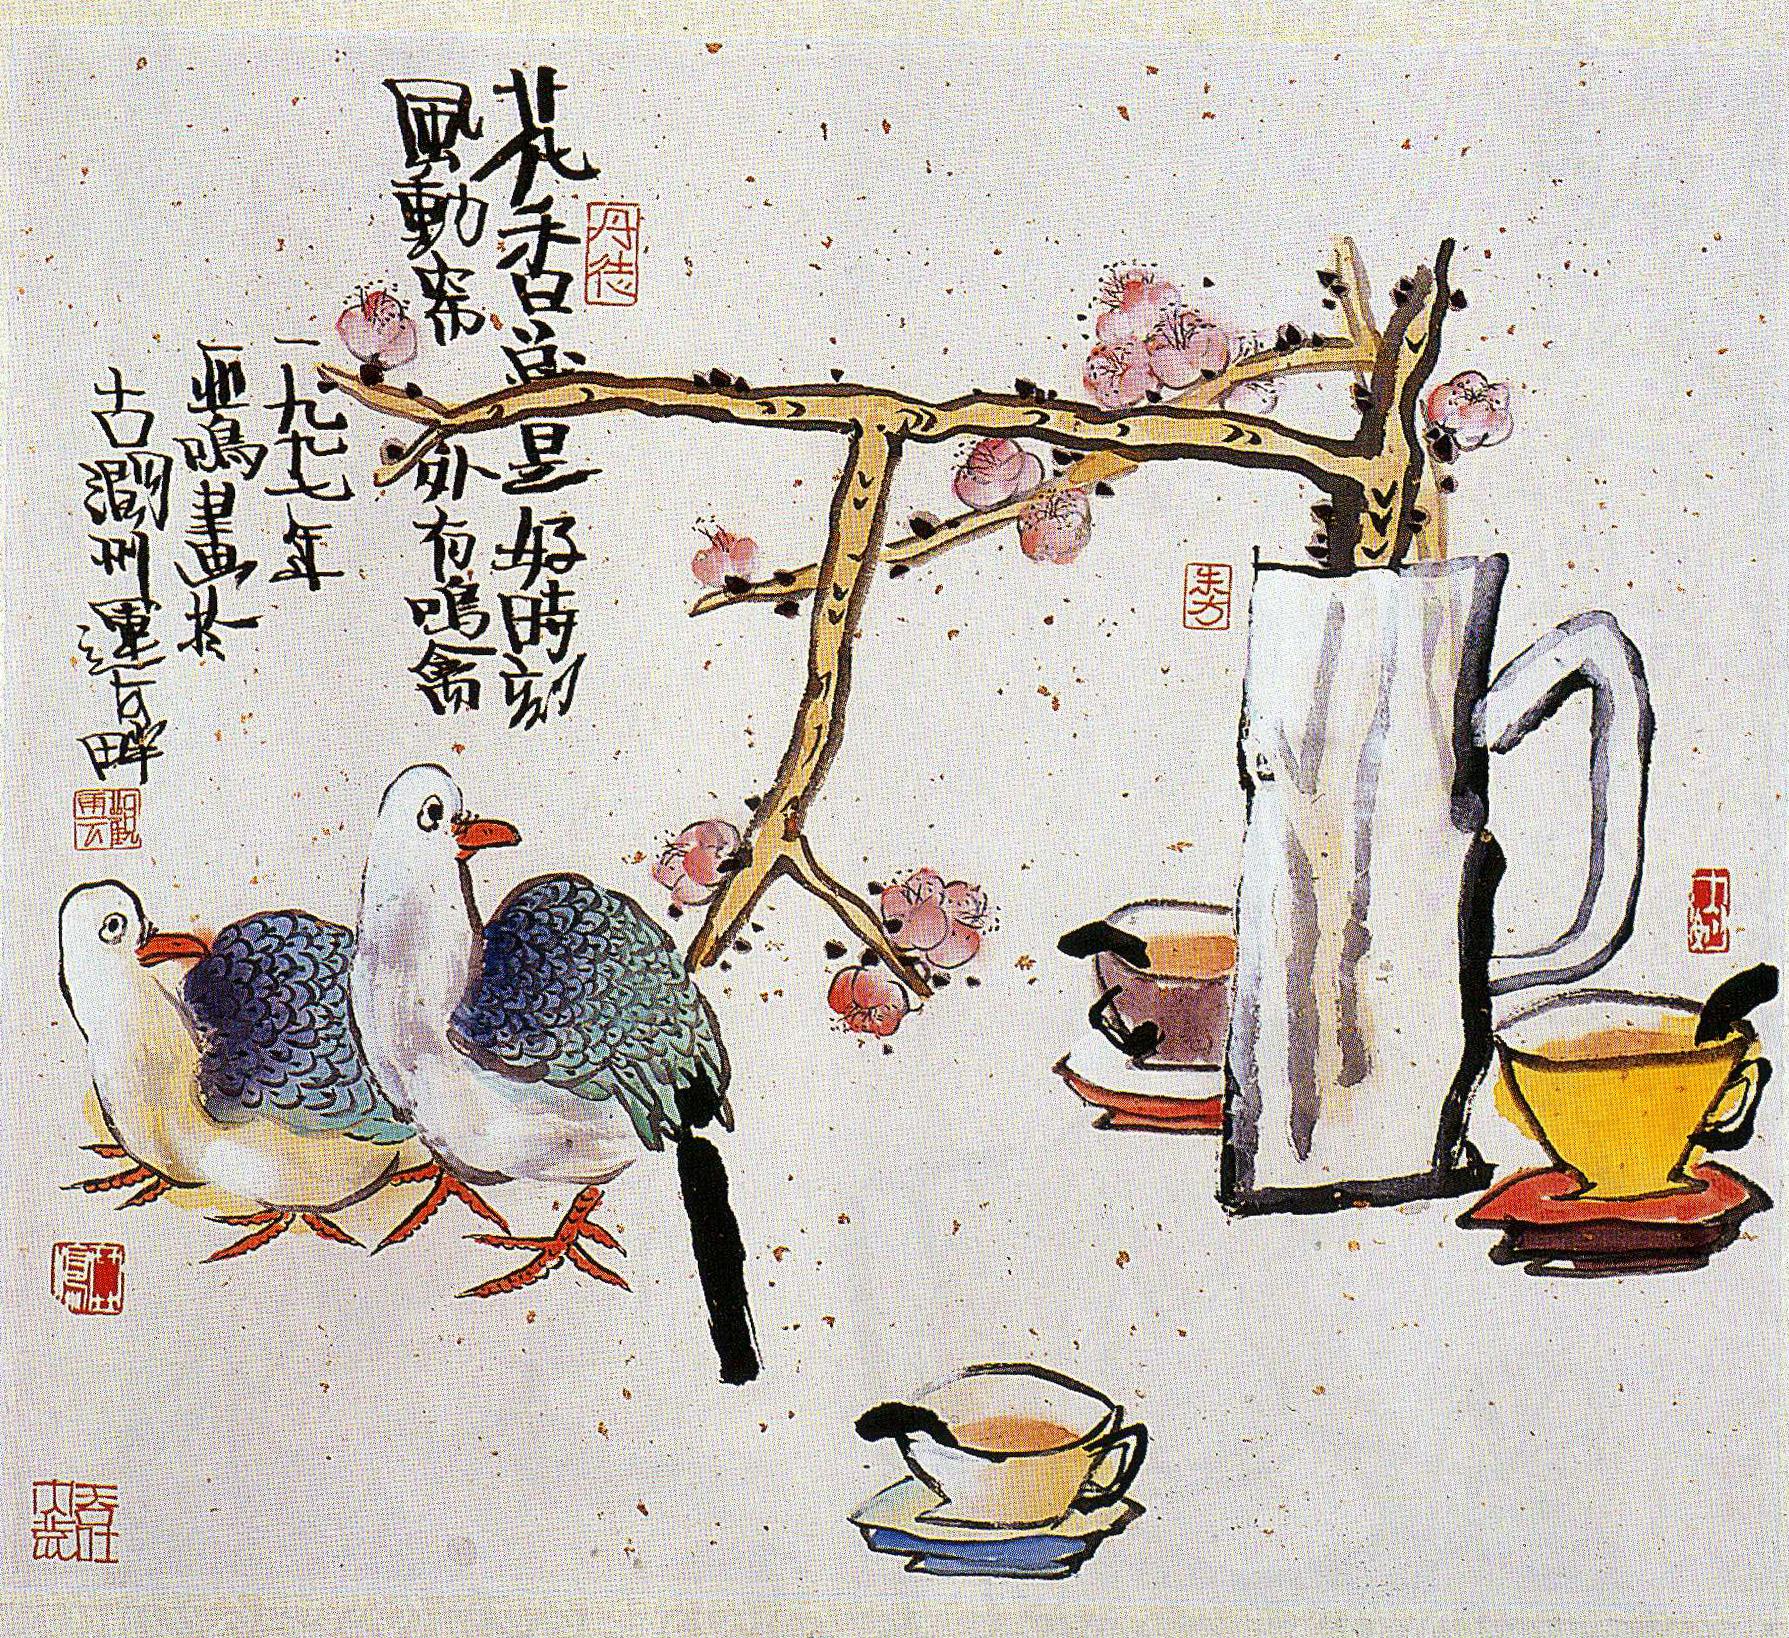 周亞鳴 Zhou Ya-Ming